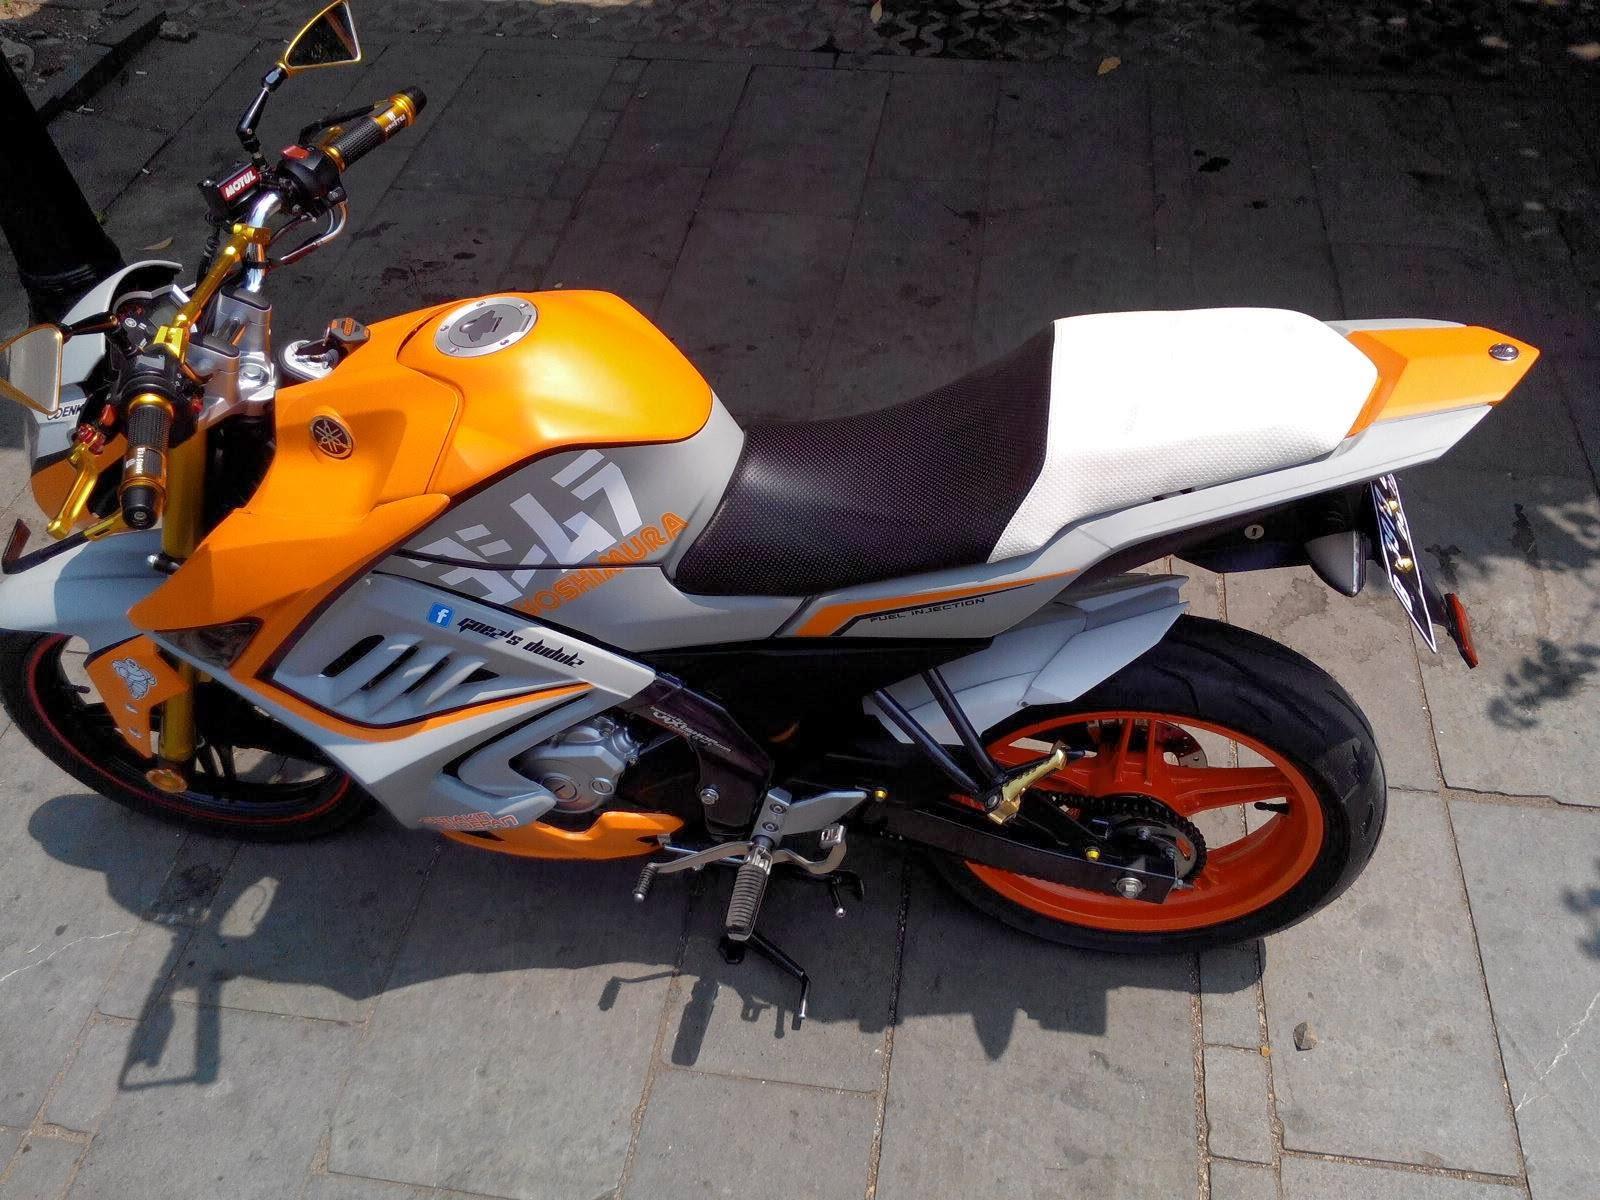 Modif Yamaha Nvl Hitam